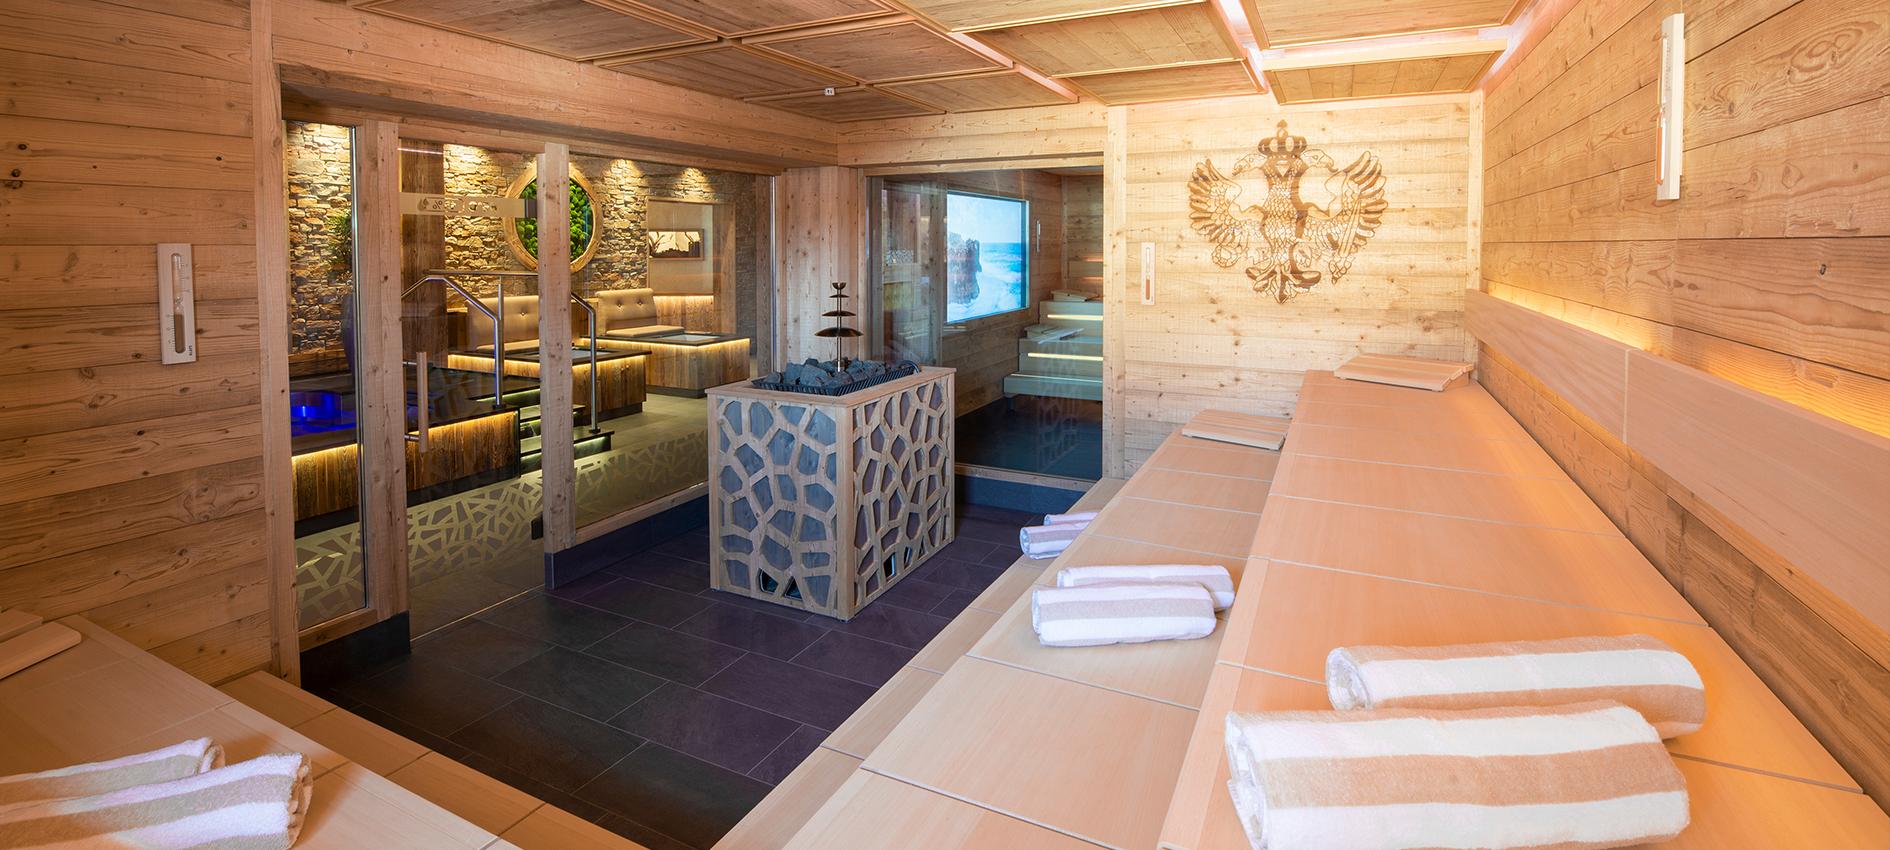 Neue Sauna im Hotel Gasthofe Adler Bad Wörishofen